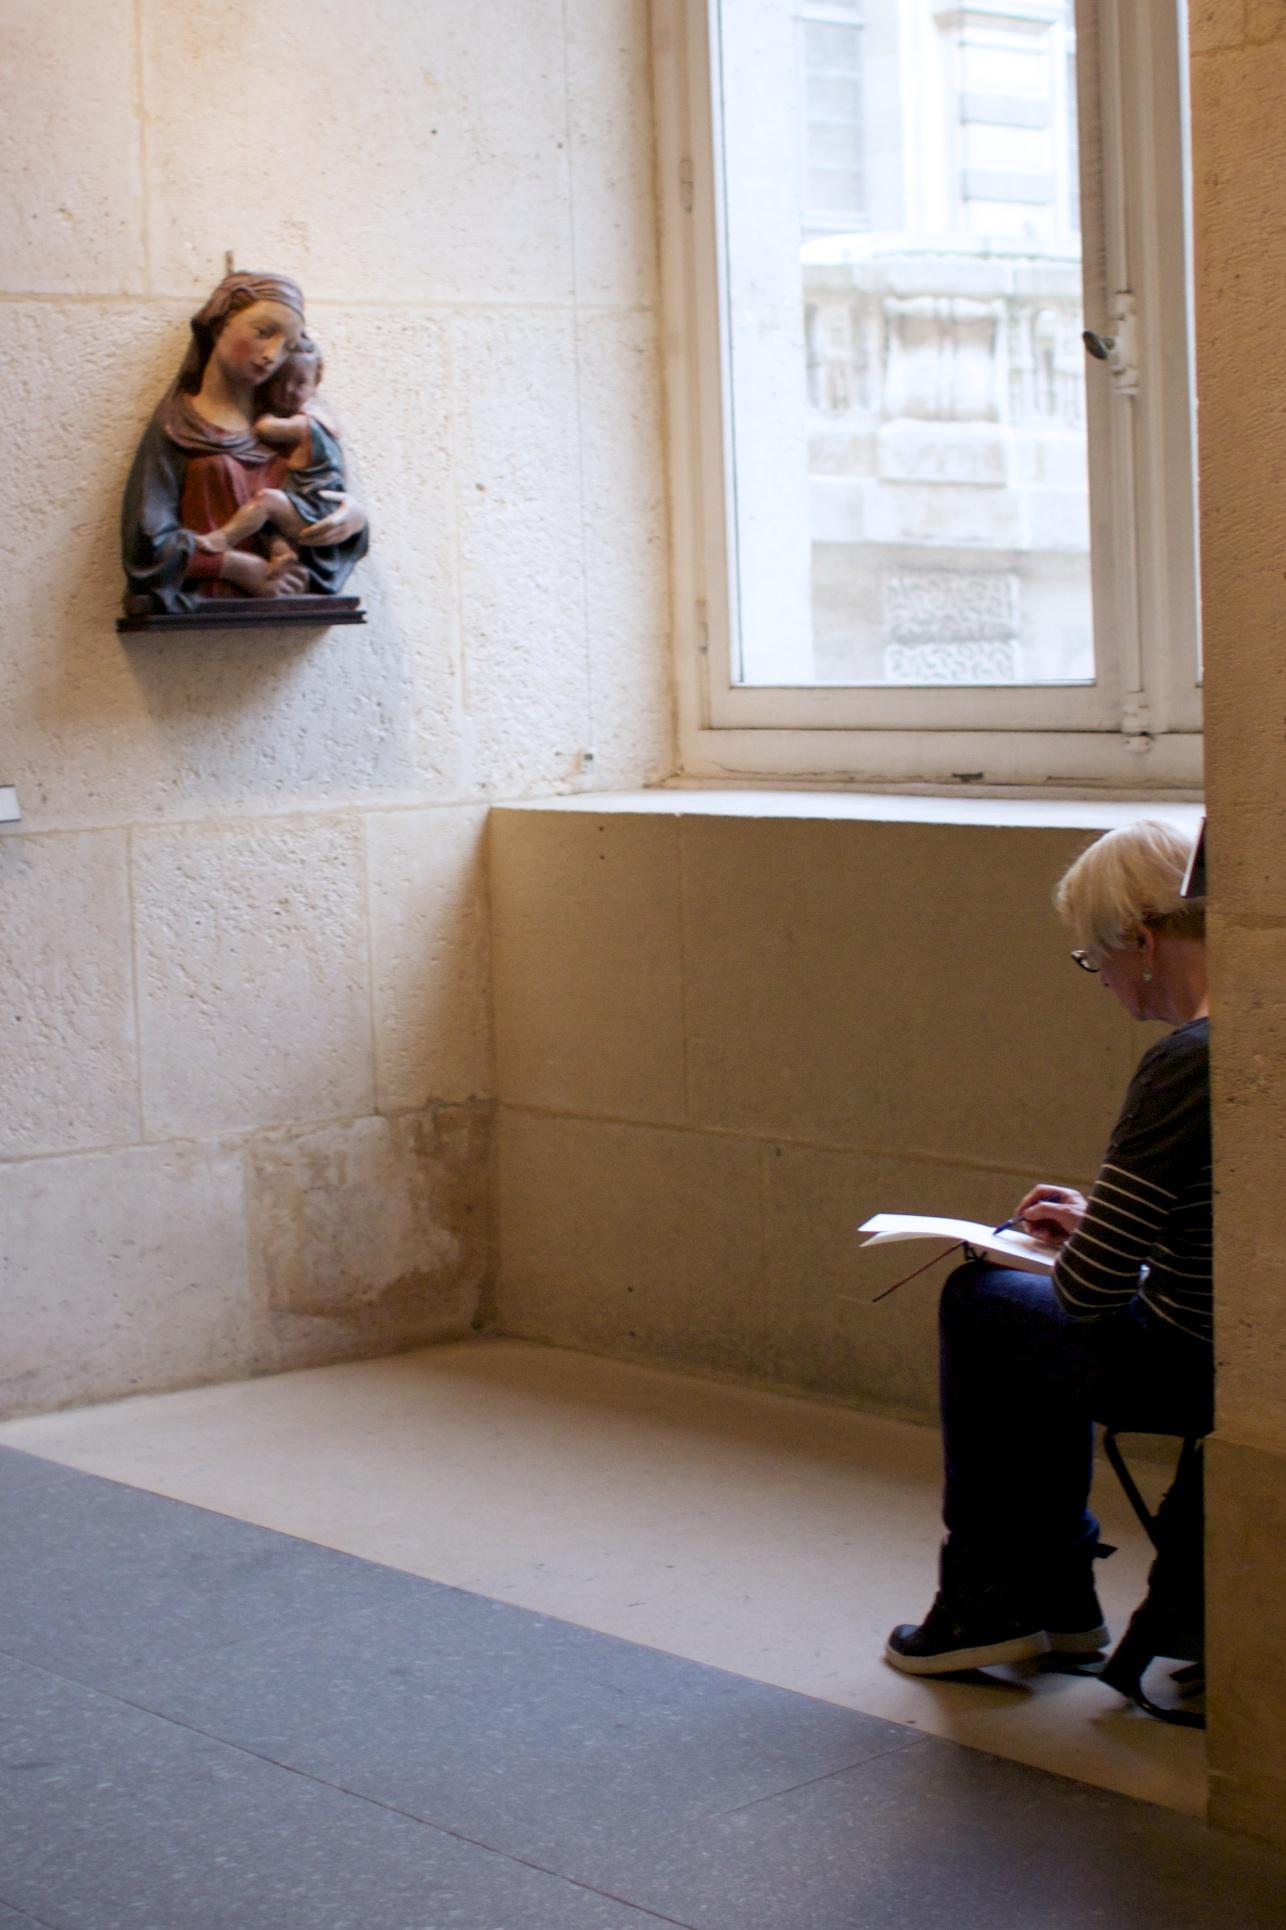 A woman sketching. ルーブルでスケッチする女性。なんて素敵な趣味なの!